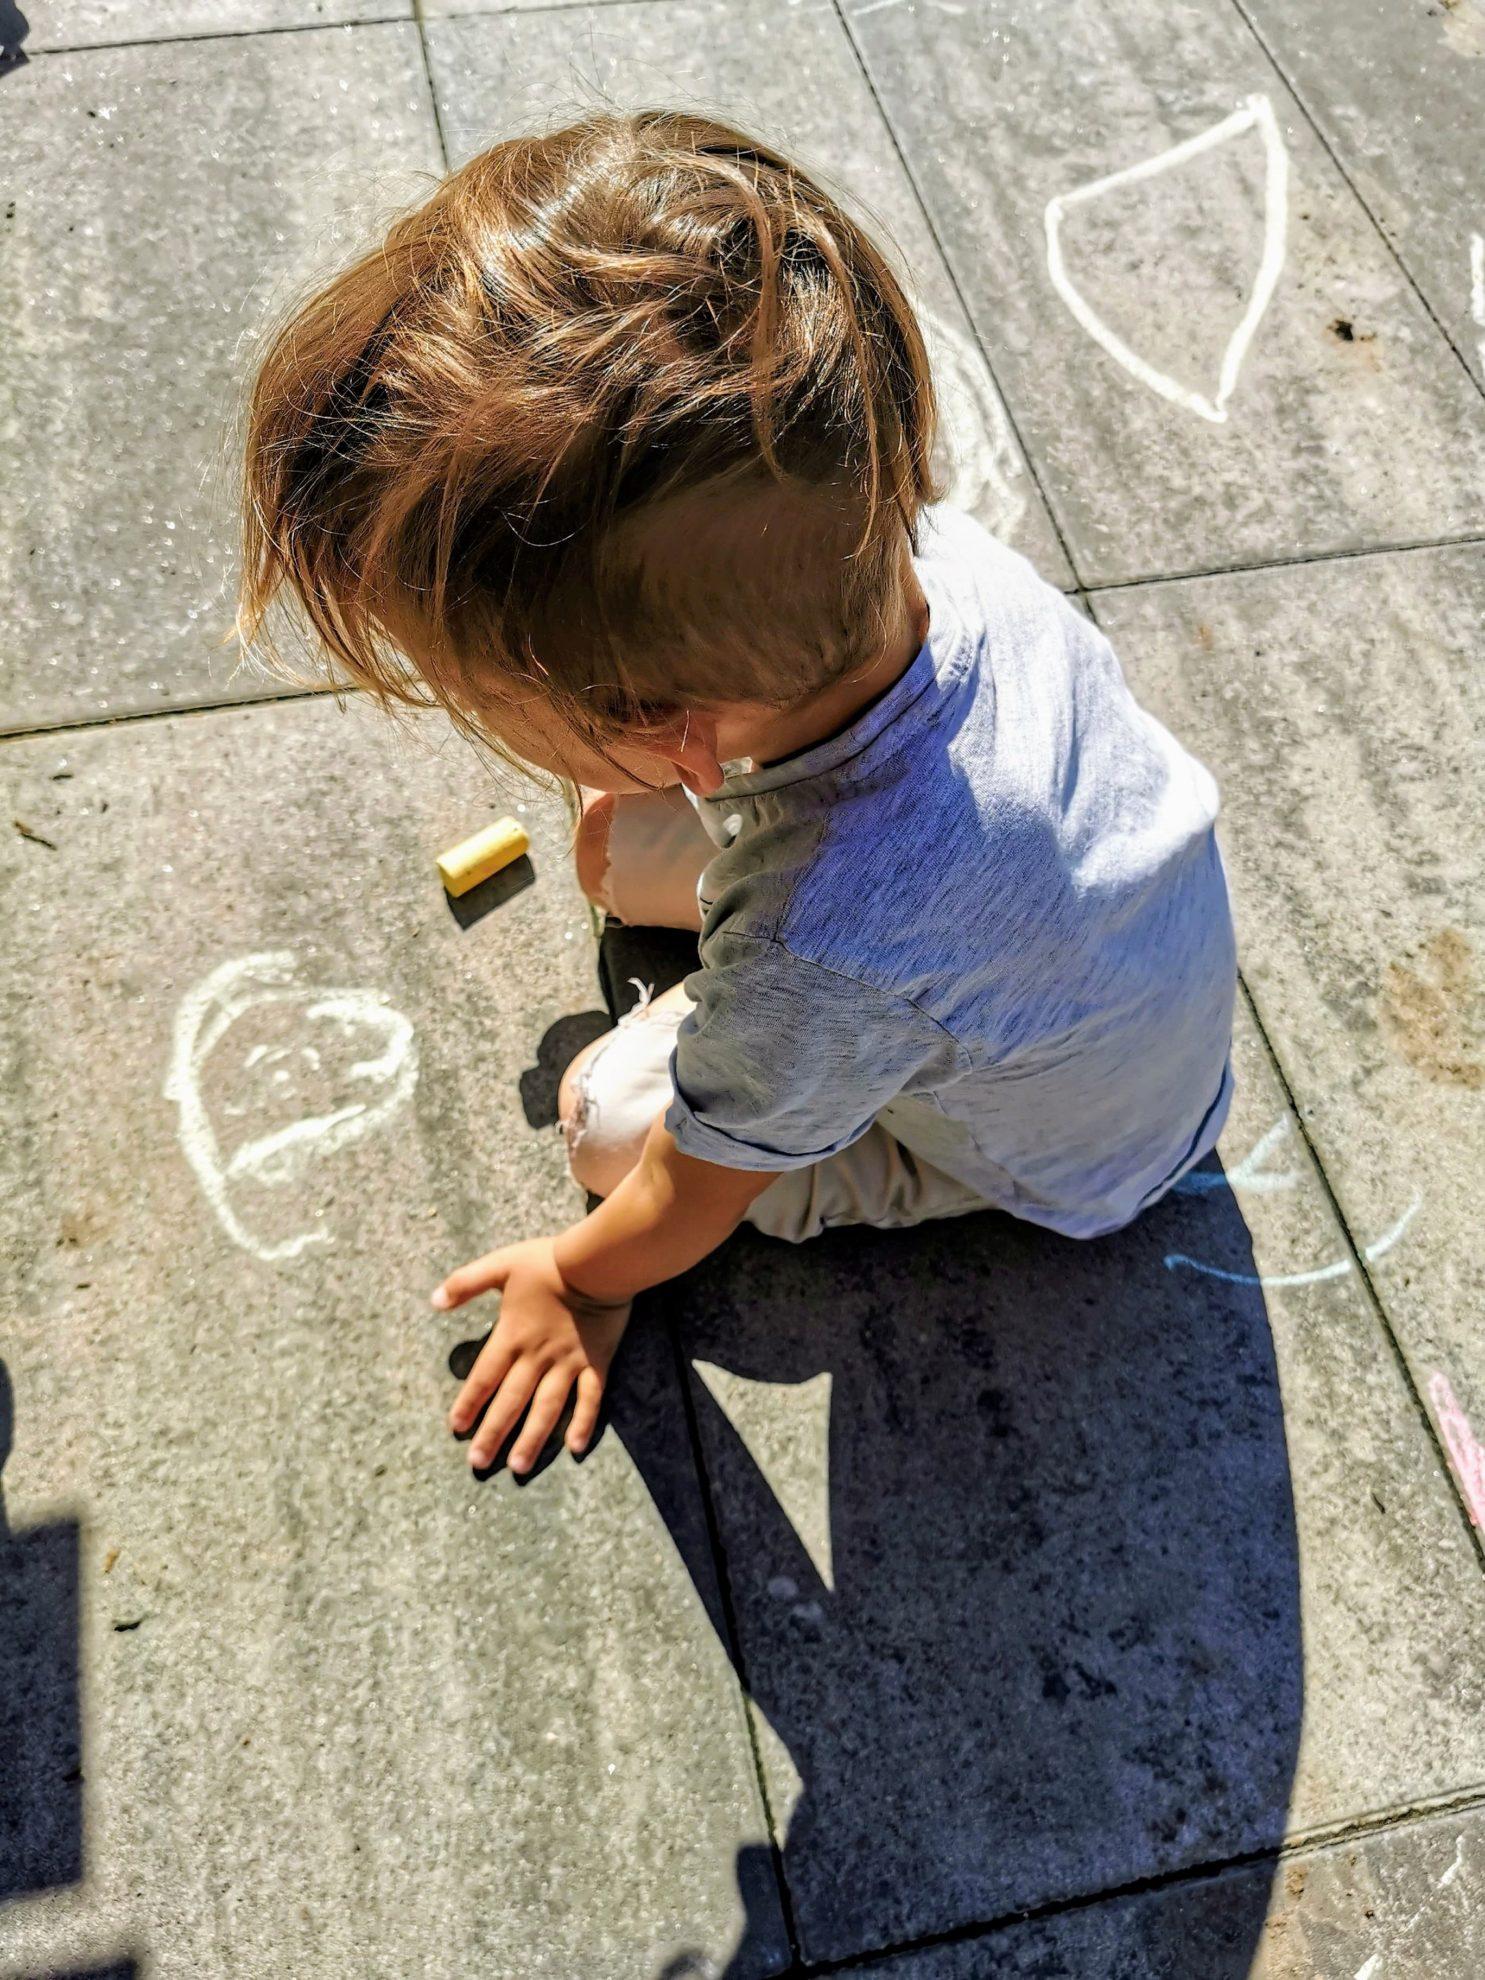 Auf der Terrasse entstehen viele bunte Bilder mit Kreide